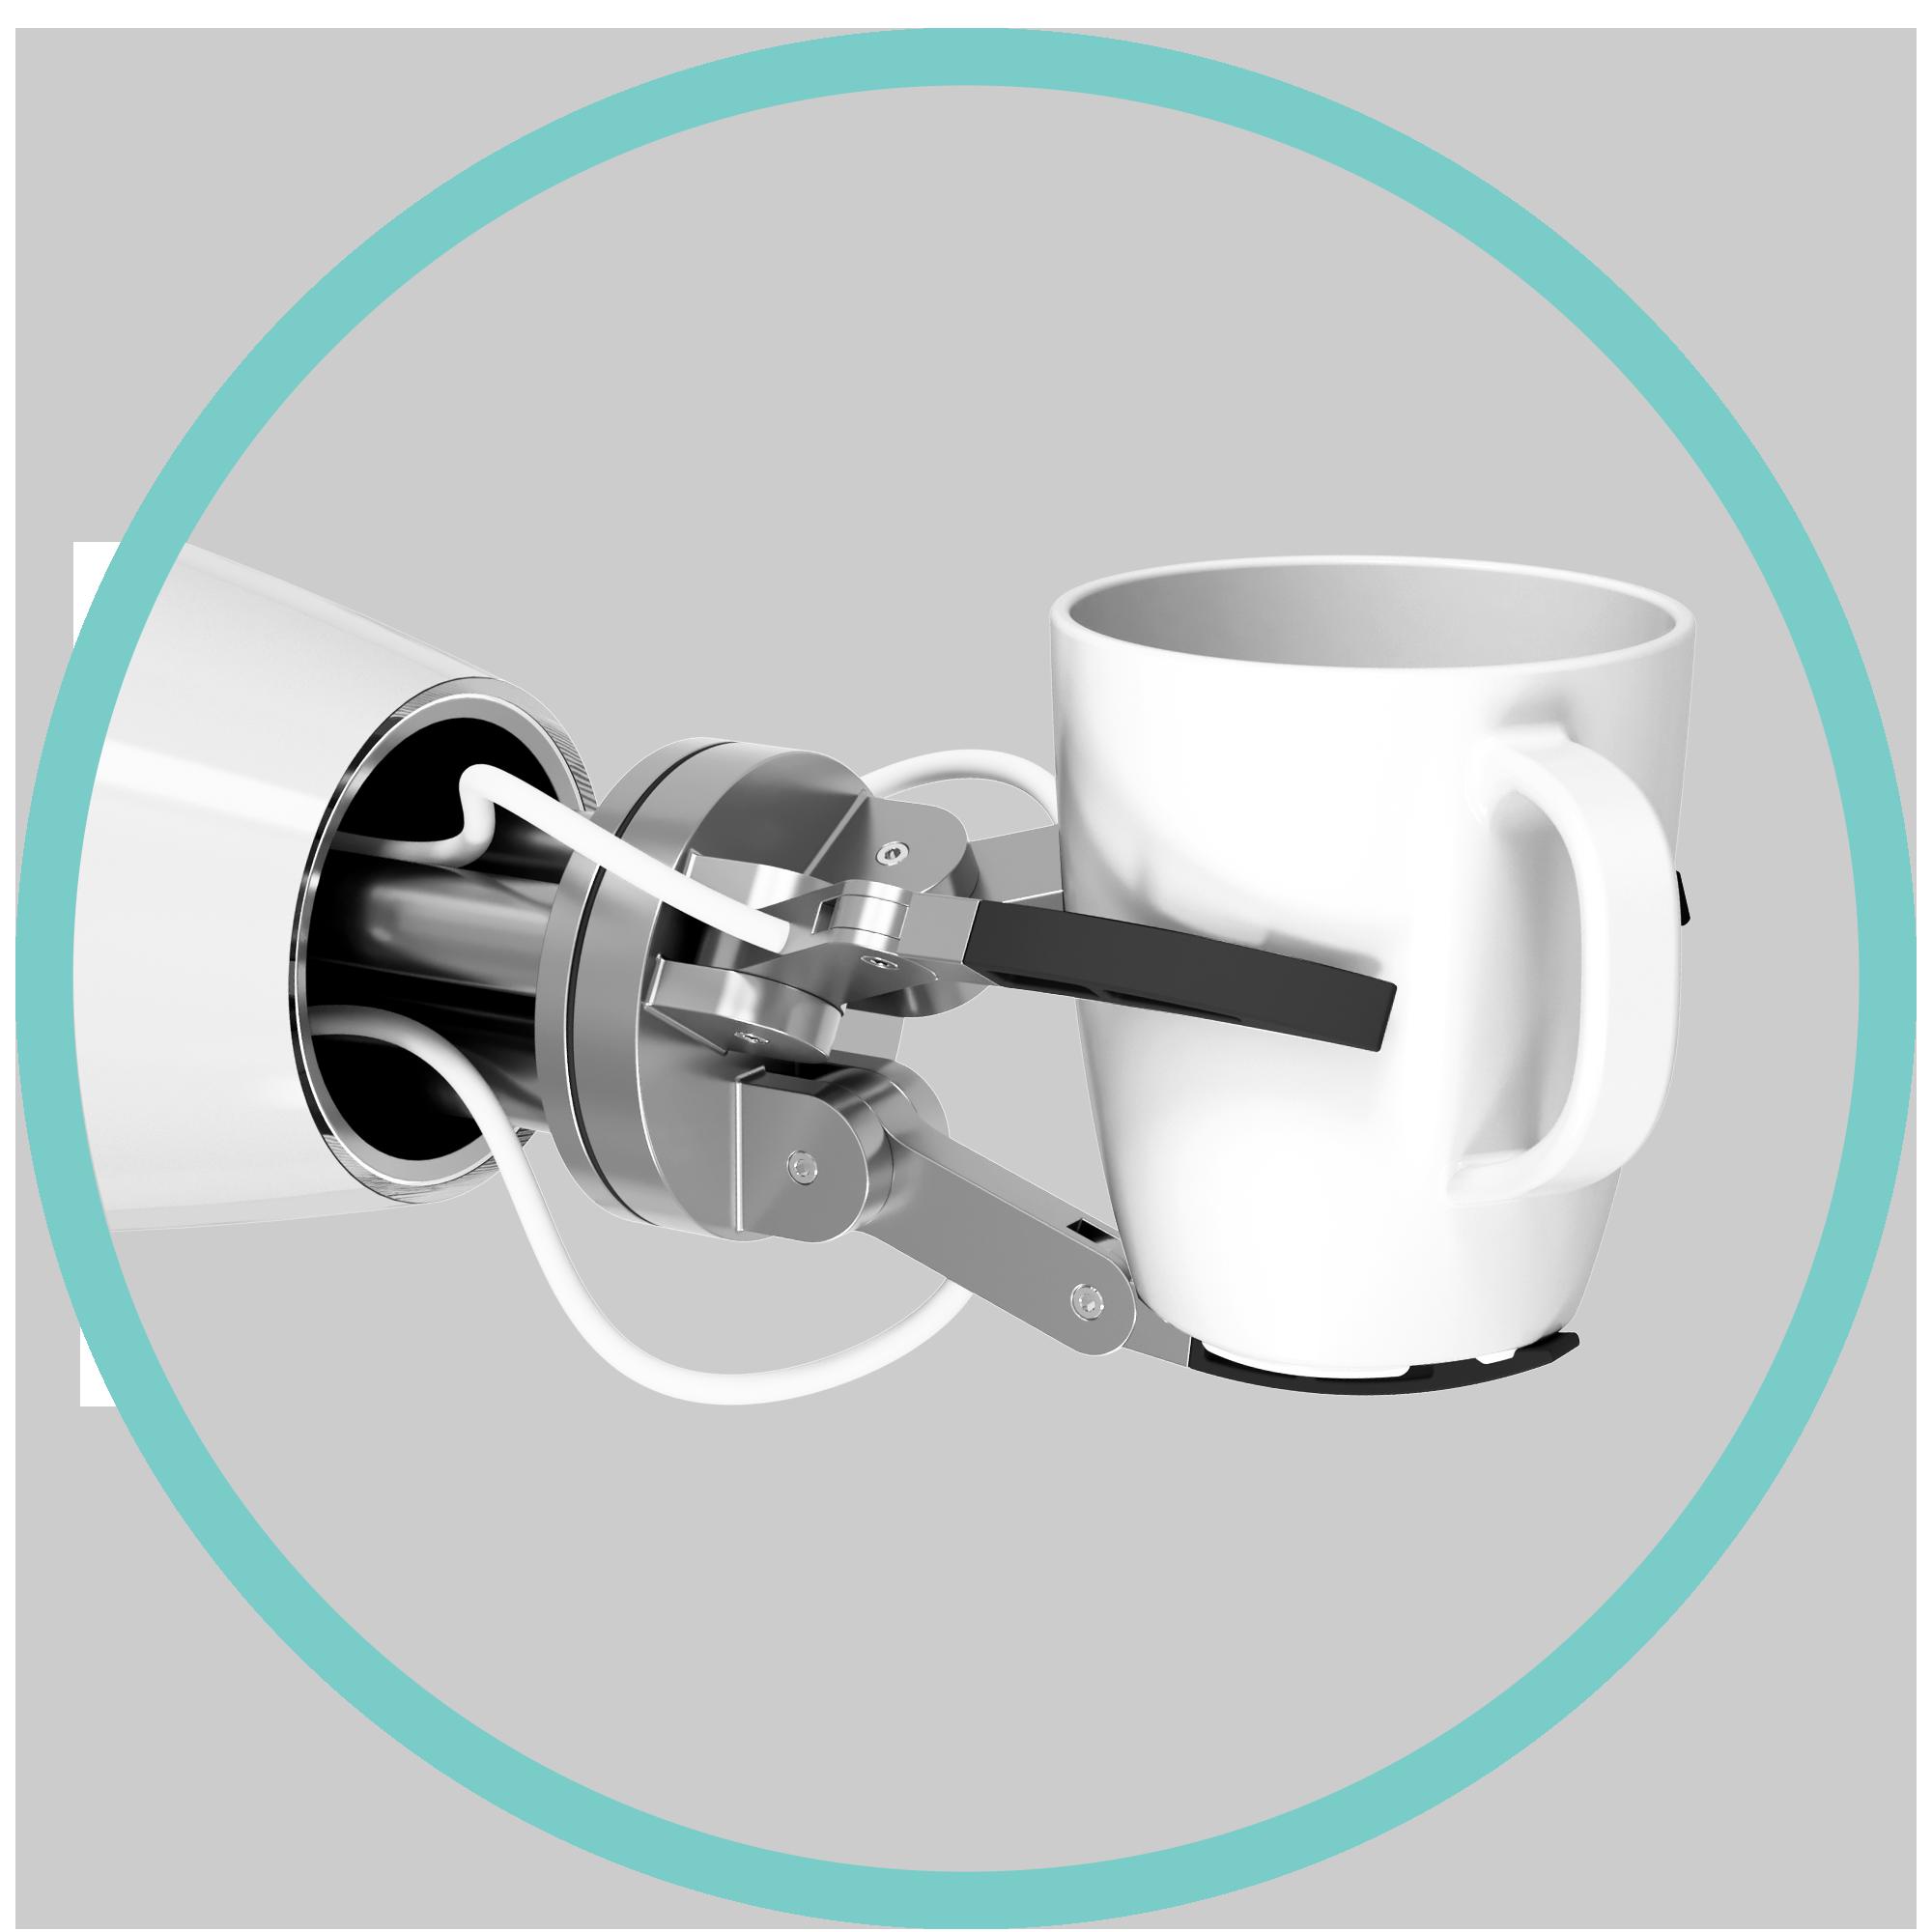 Design for Robotics